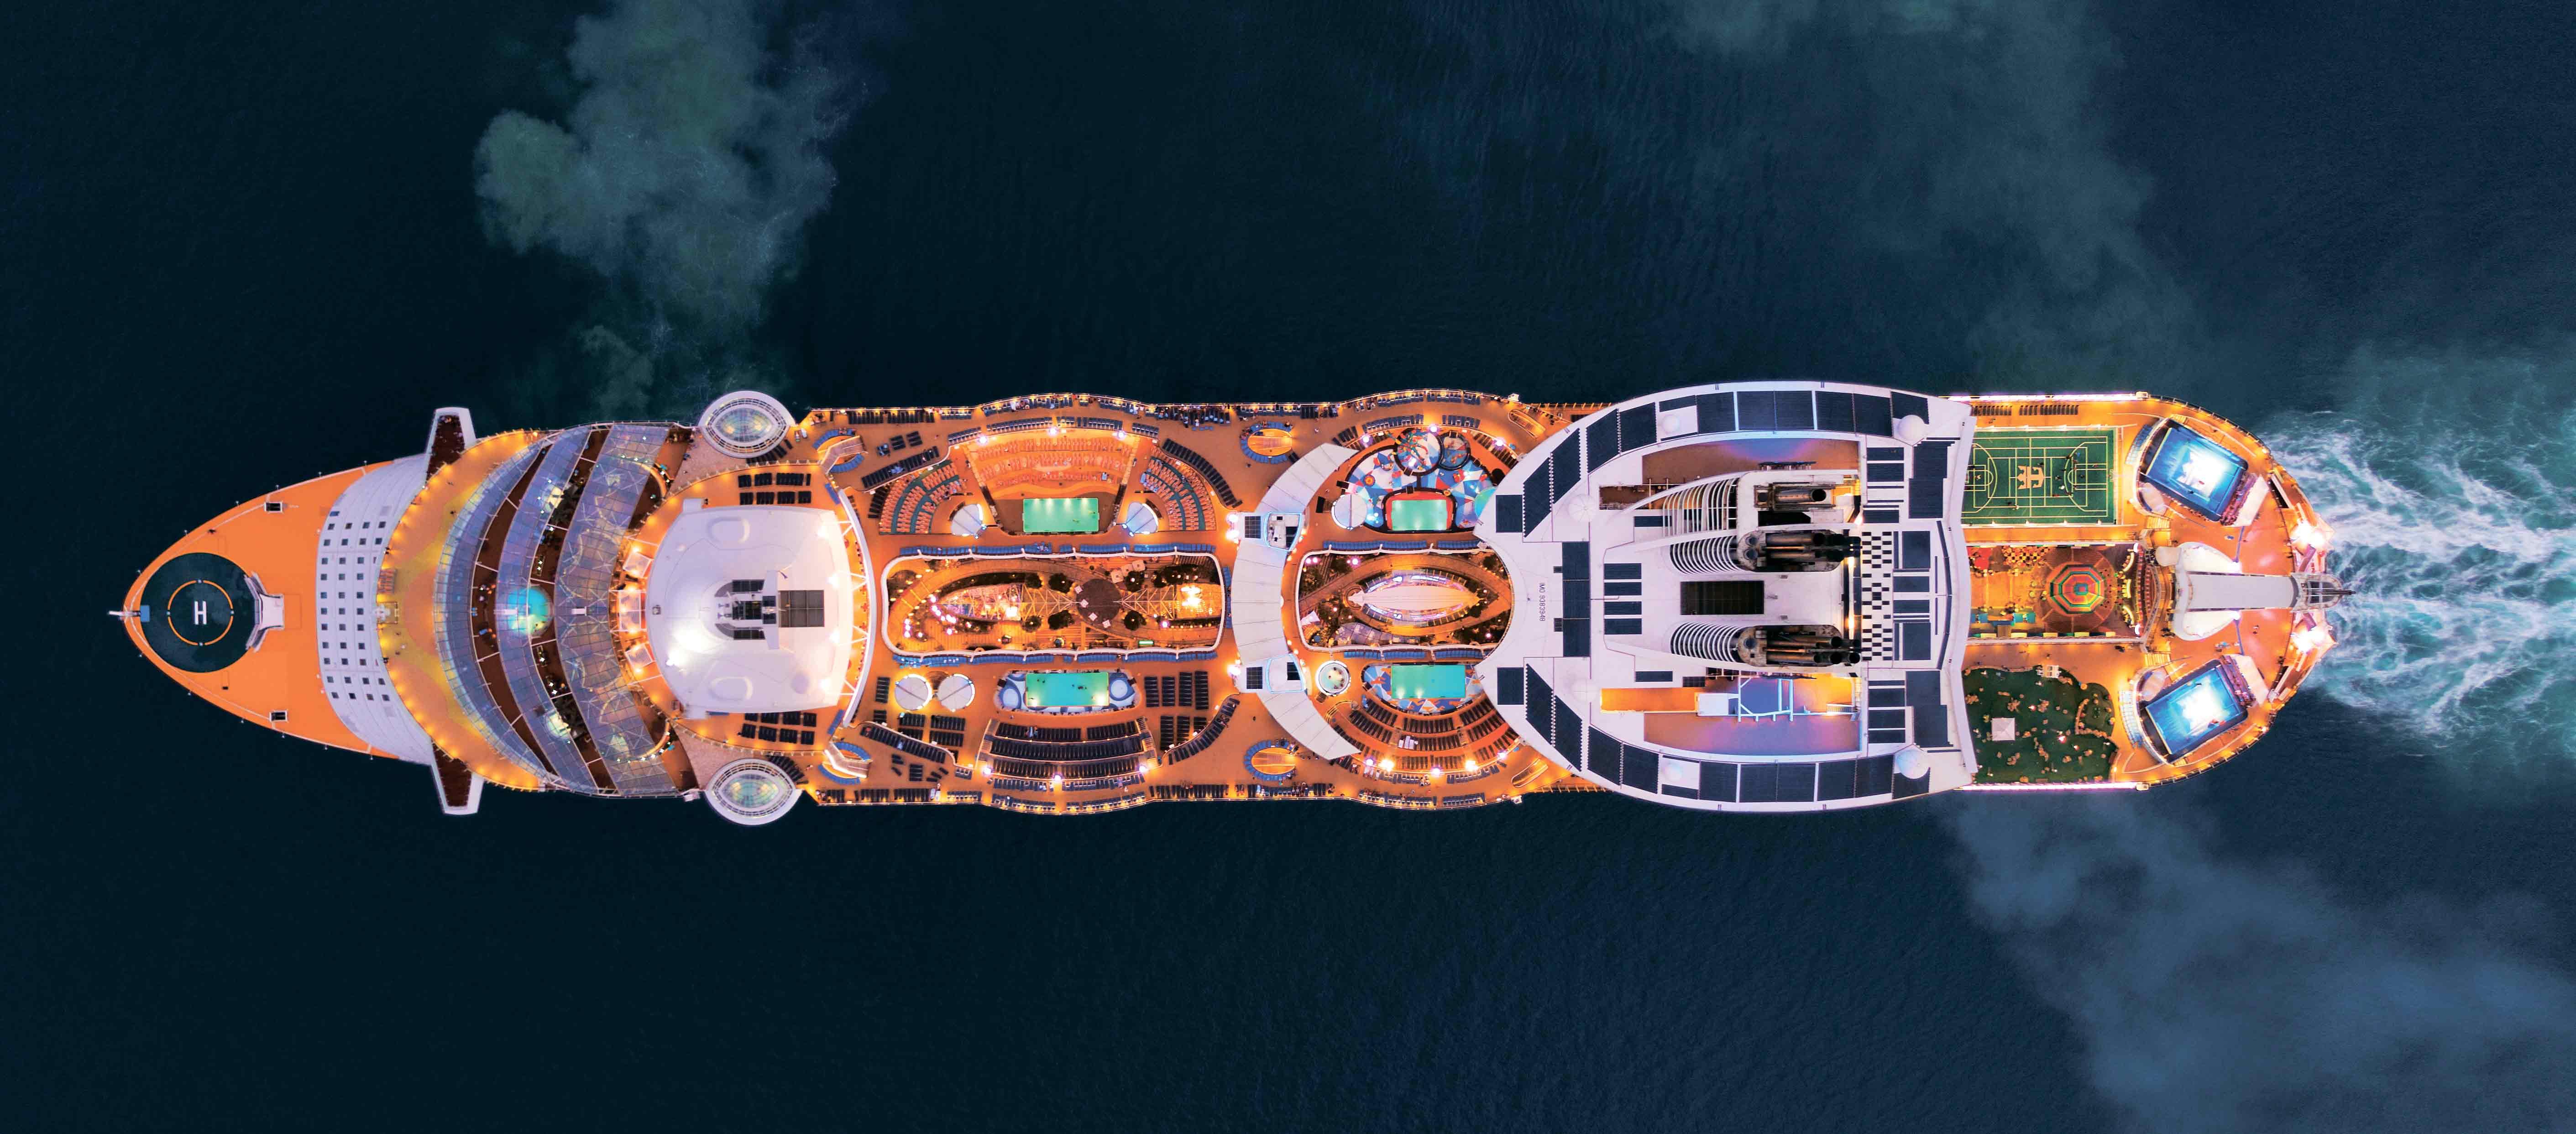 Гость Европы 2020 года – обновленный лайнер Allure of the Seas